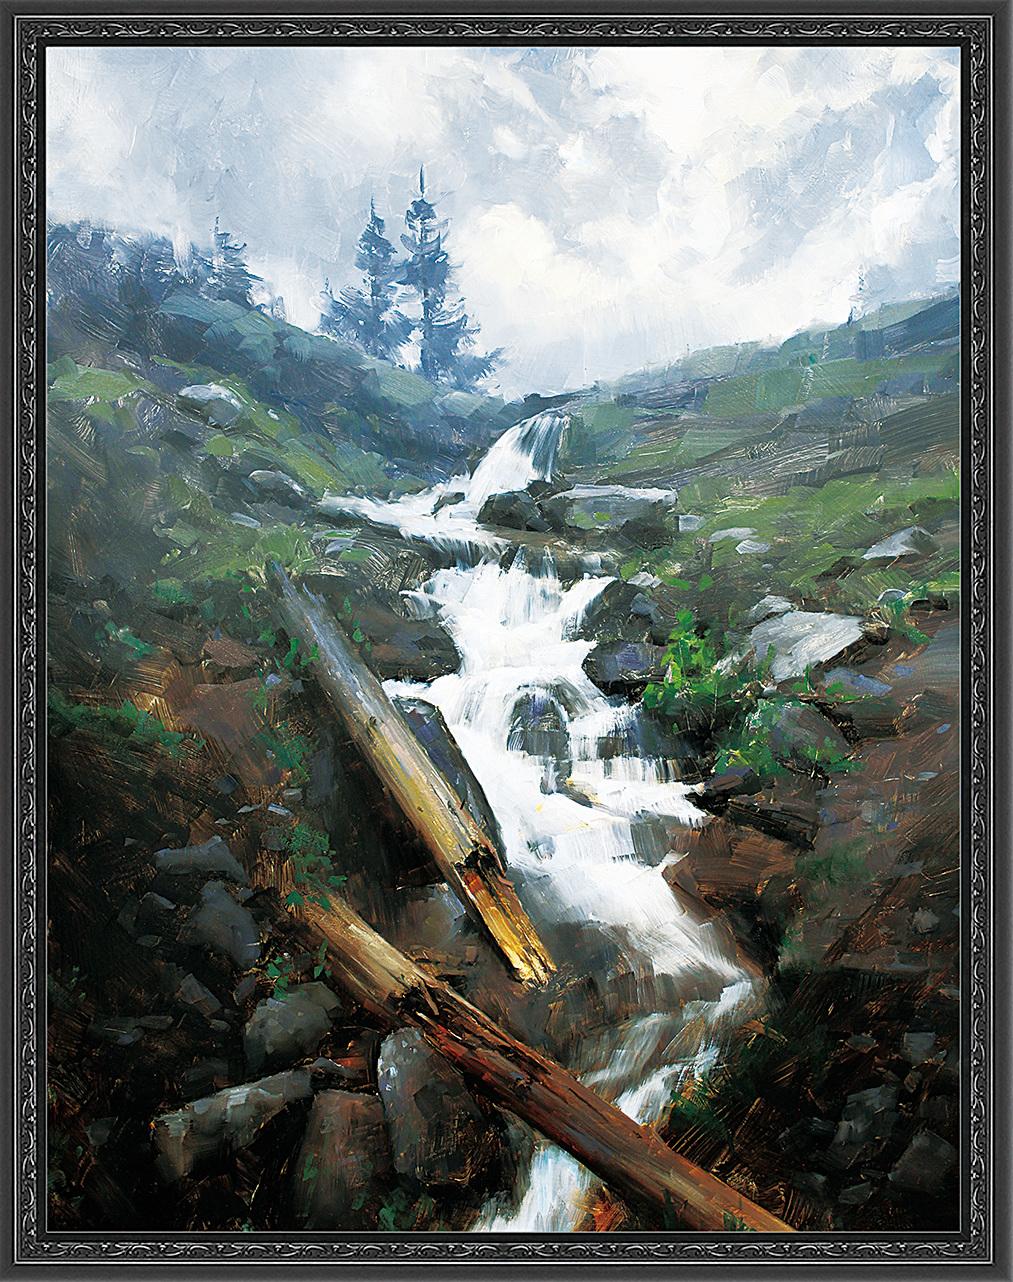 《山雨將至》(The Coming Rain),2014年,Dave Santillanes作,油畫,獲第12屆藝術復興中心沙龍展風景畫大獎。